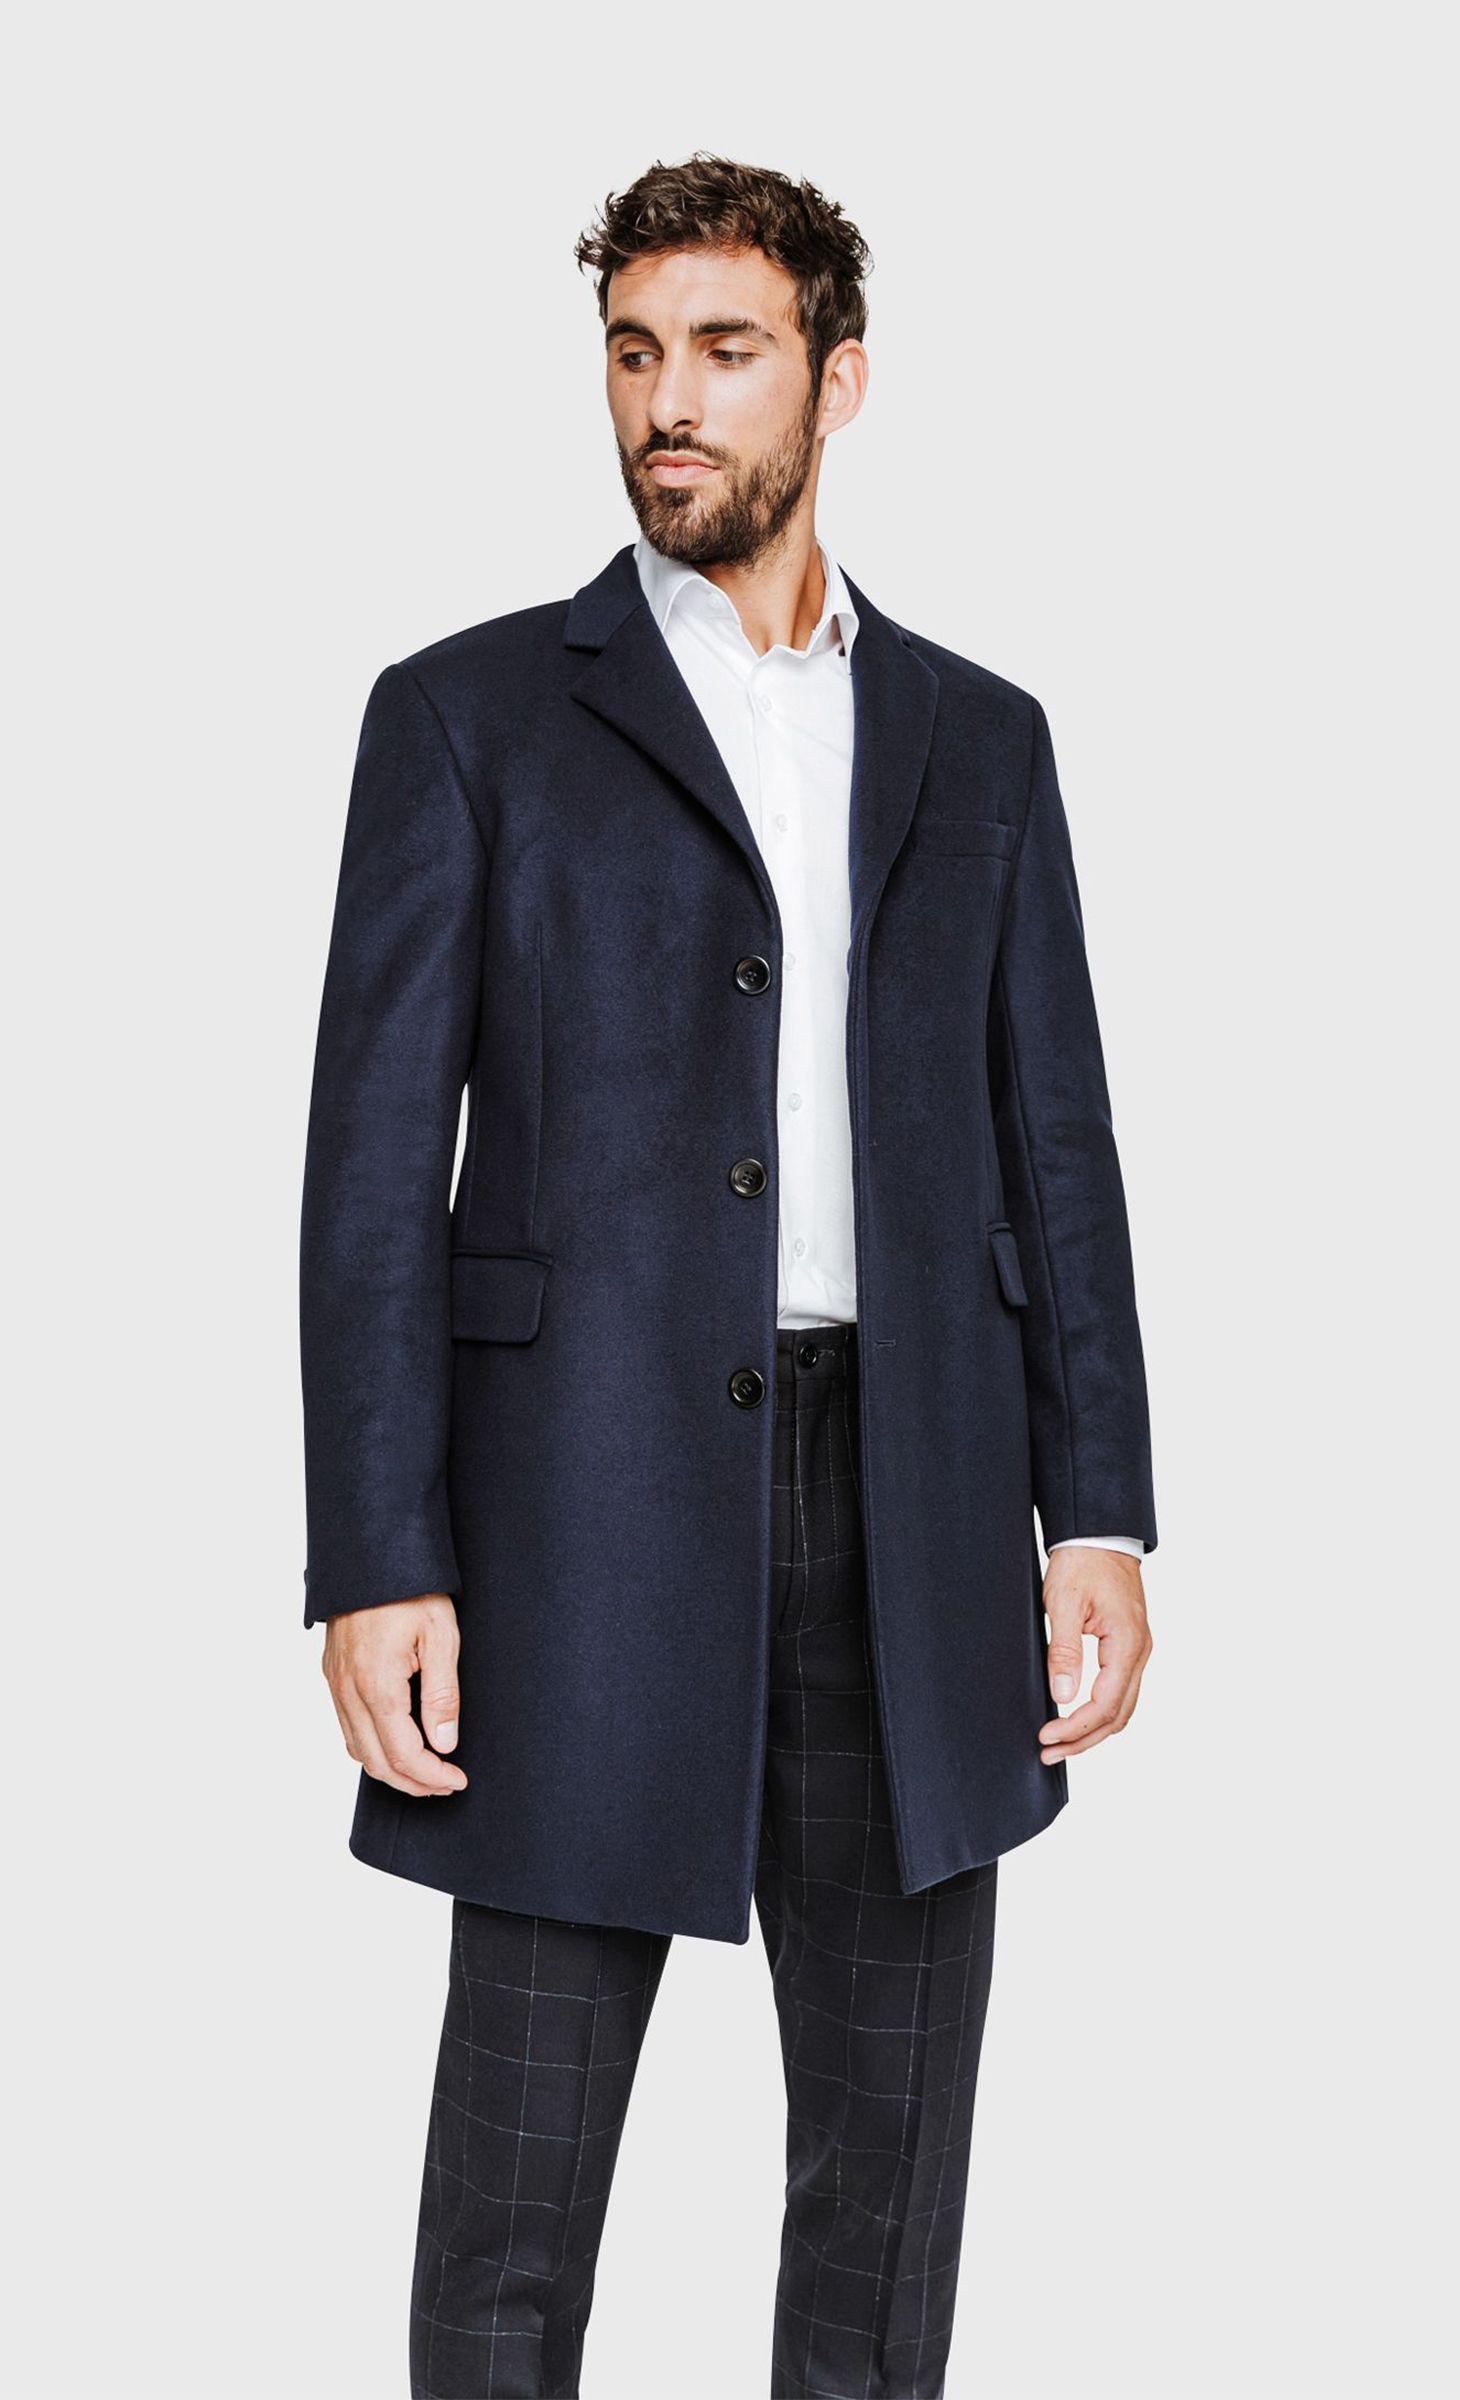 couleurs délicates fournir beaucoup de mieux Manteau long pour homme et pardessus | Arrow